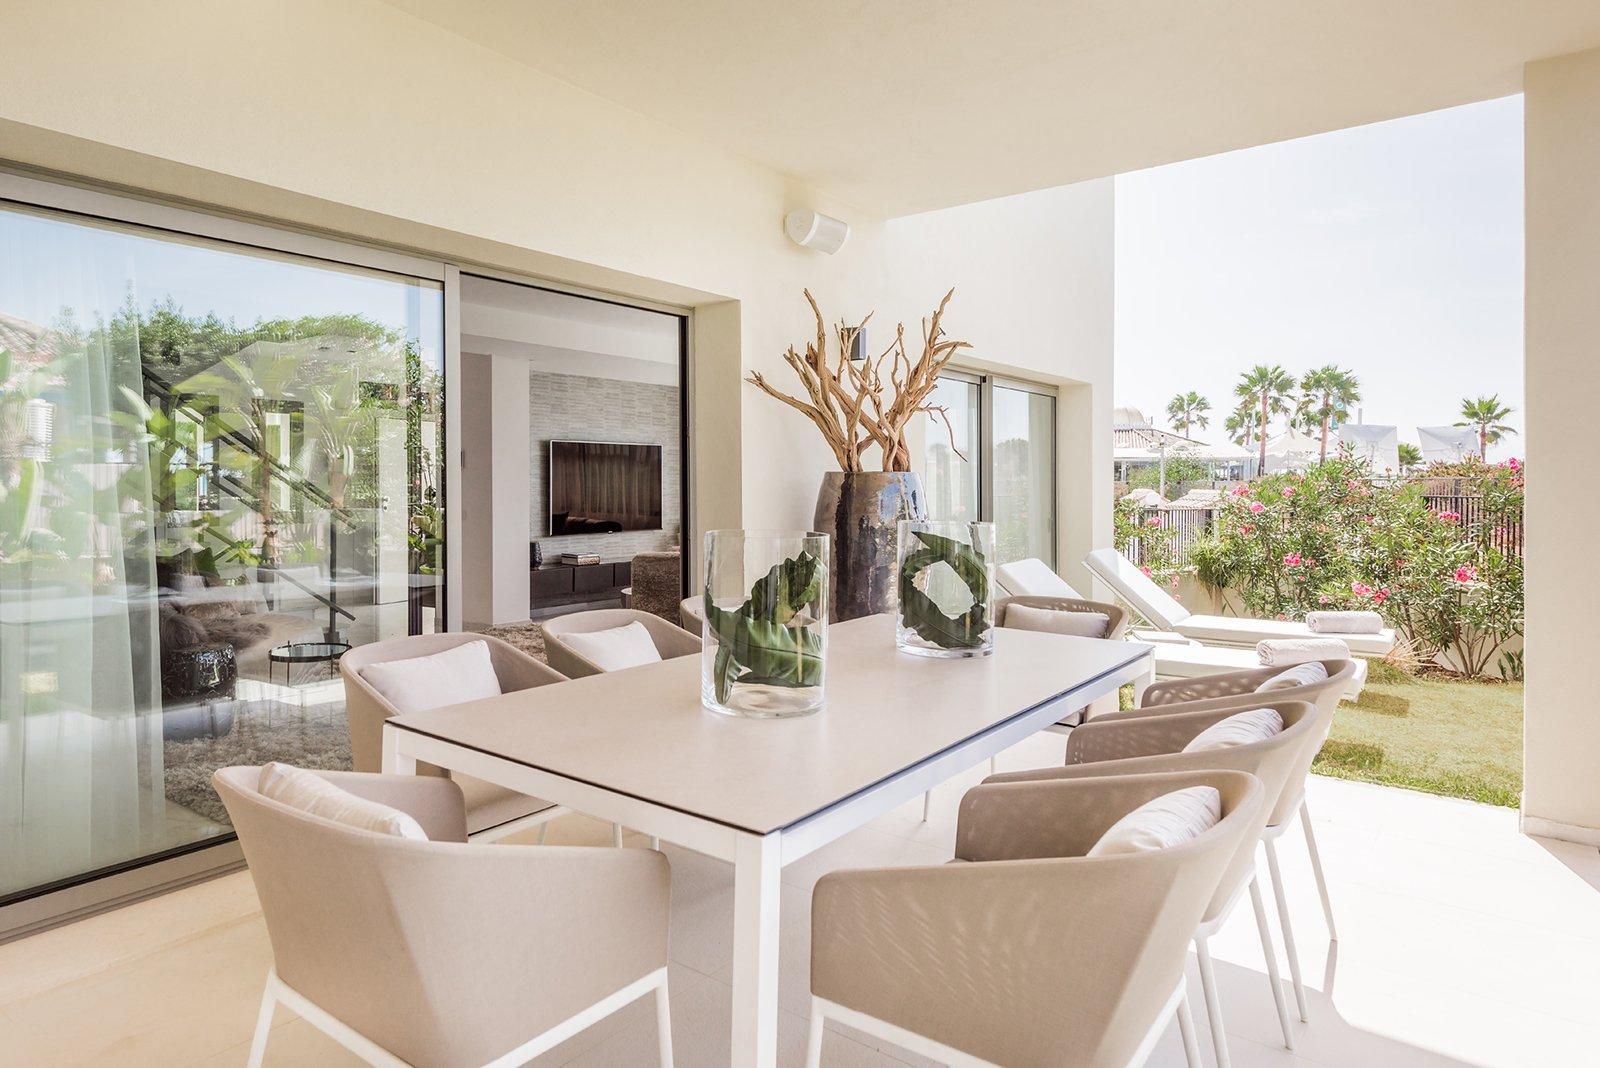 el-arenal-marbella-ambience-home-design-27